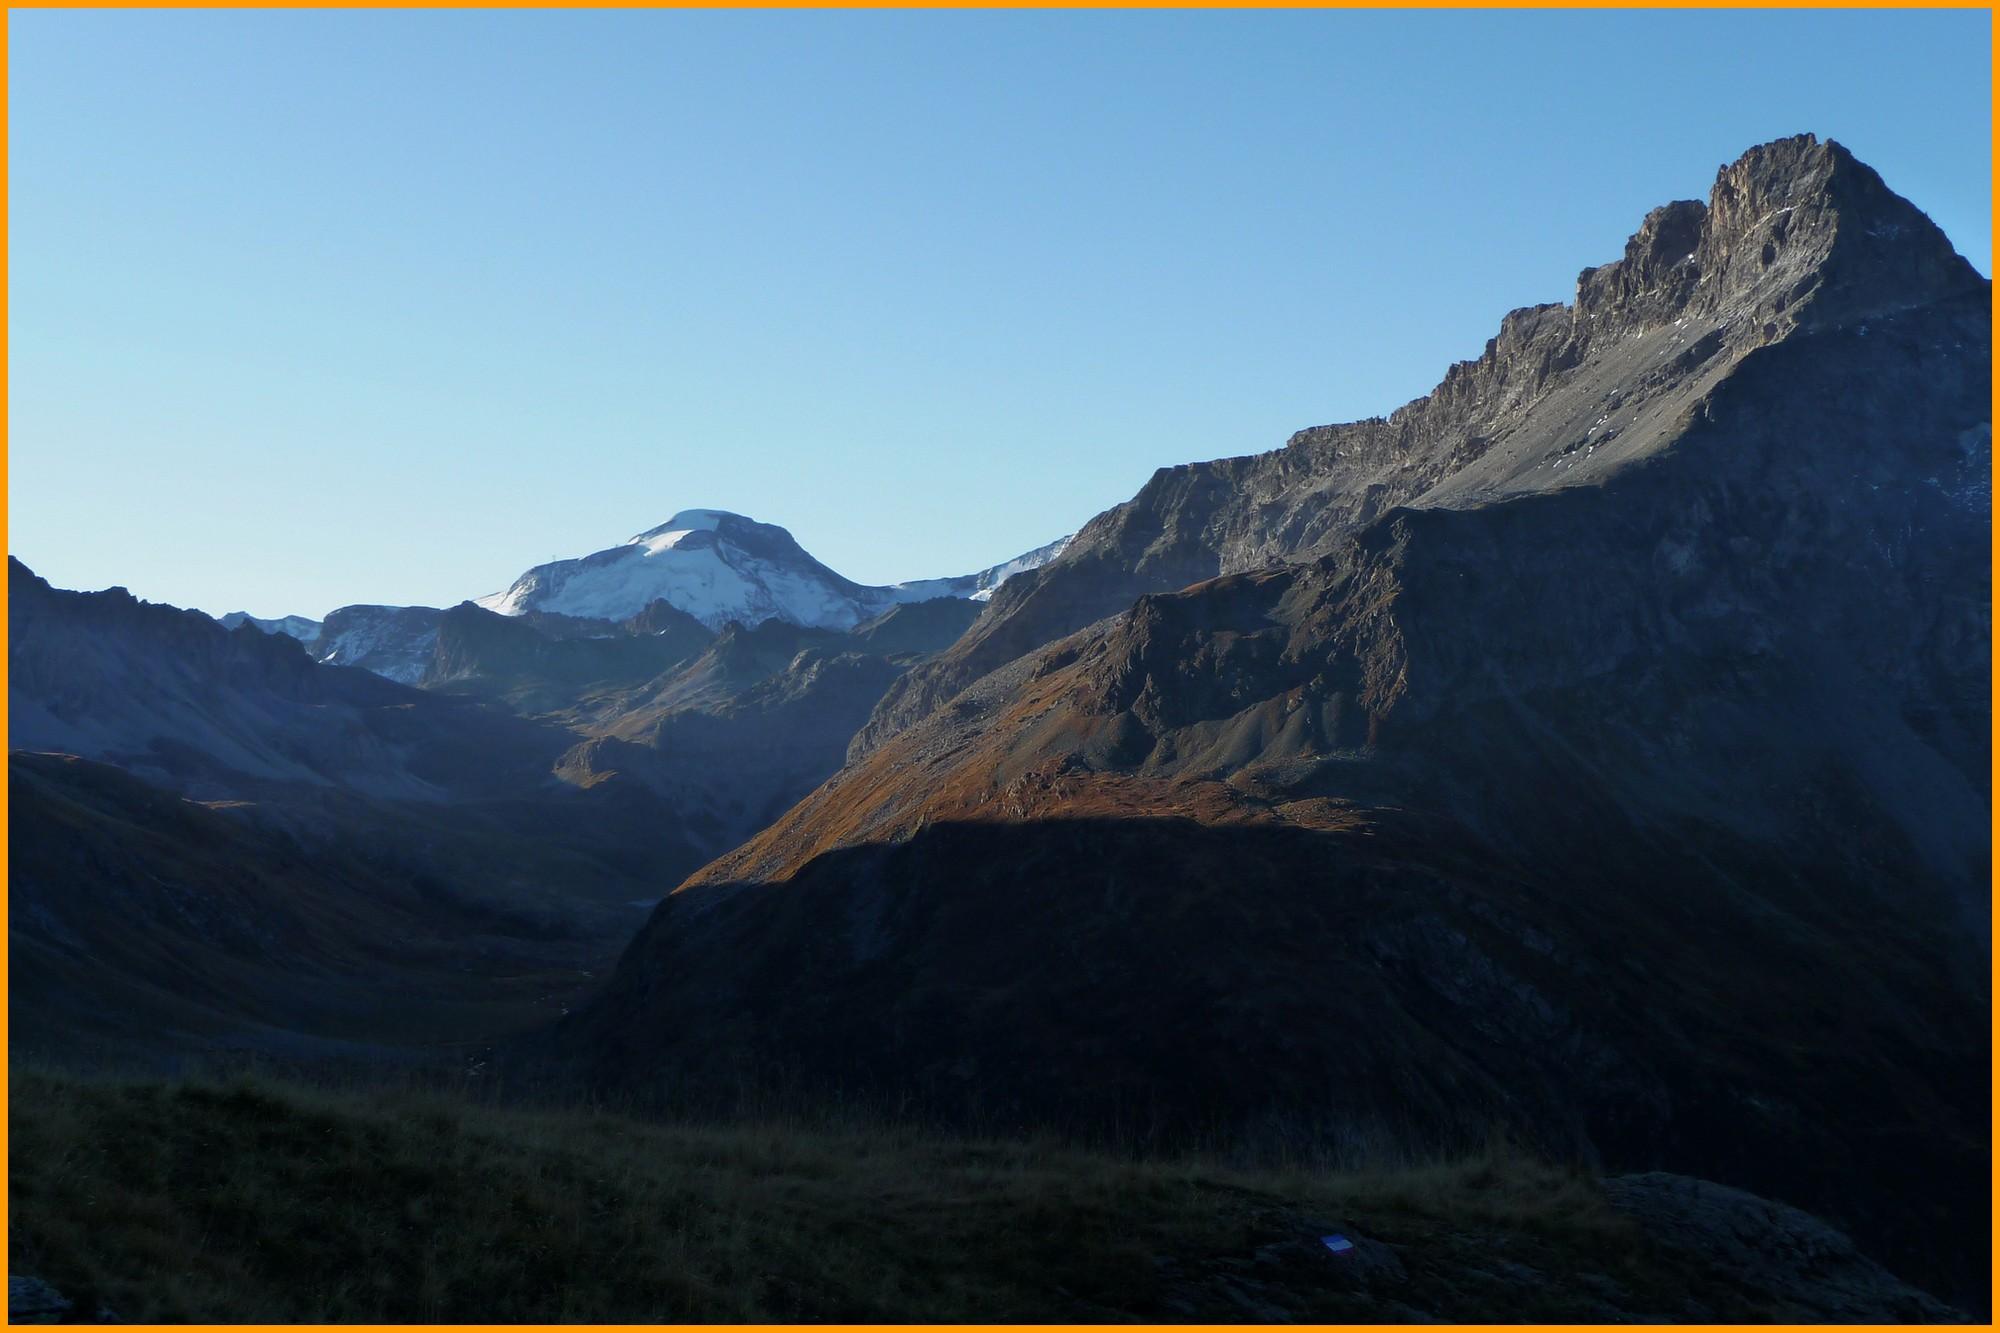 Lever du soleil sur la Grande Motte (3.653 m)